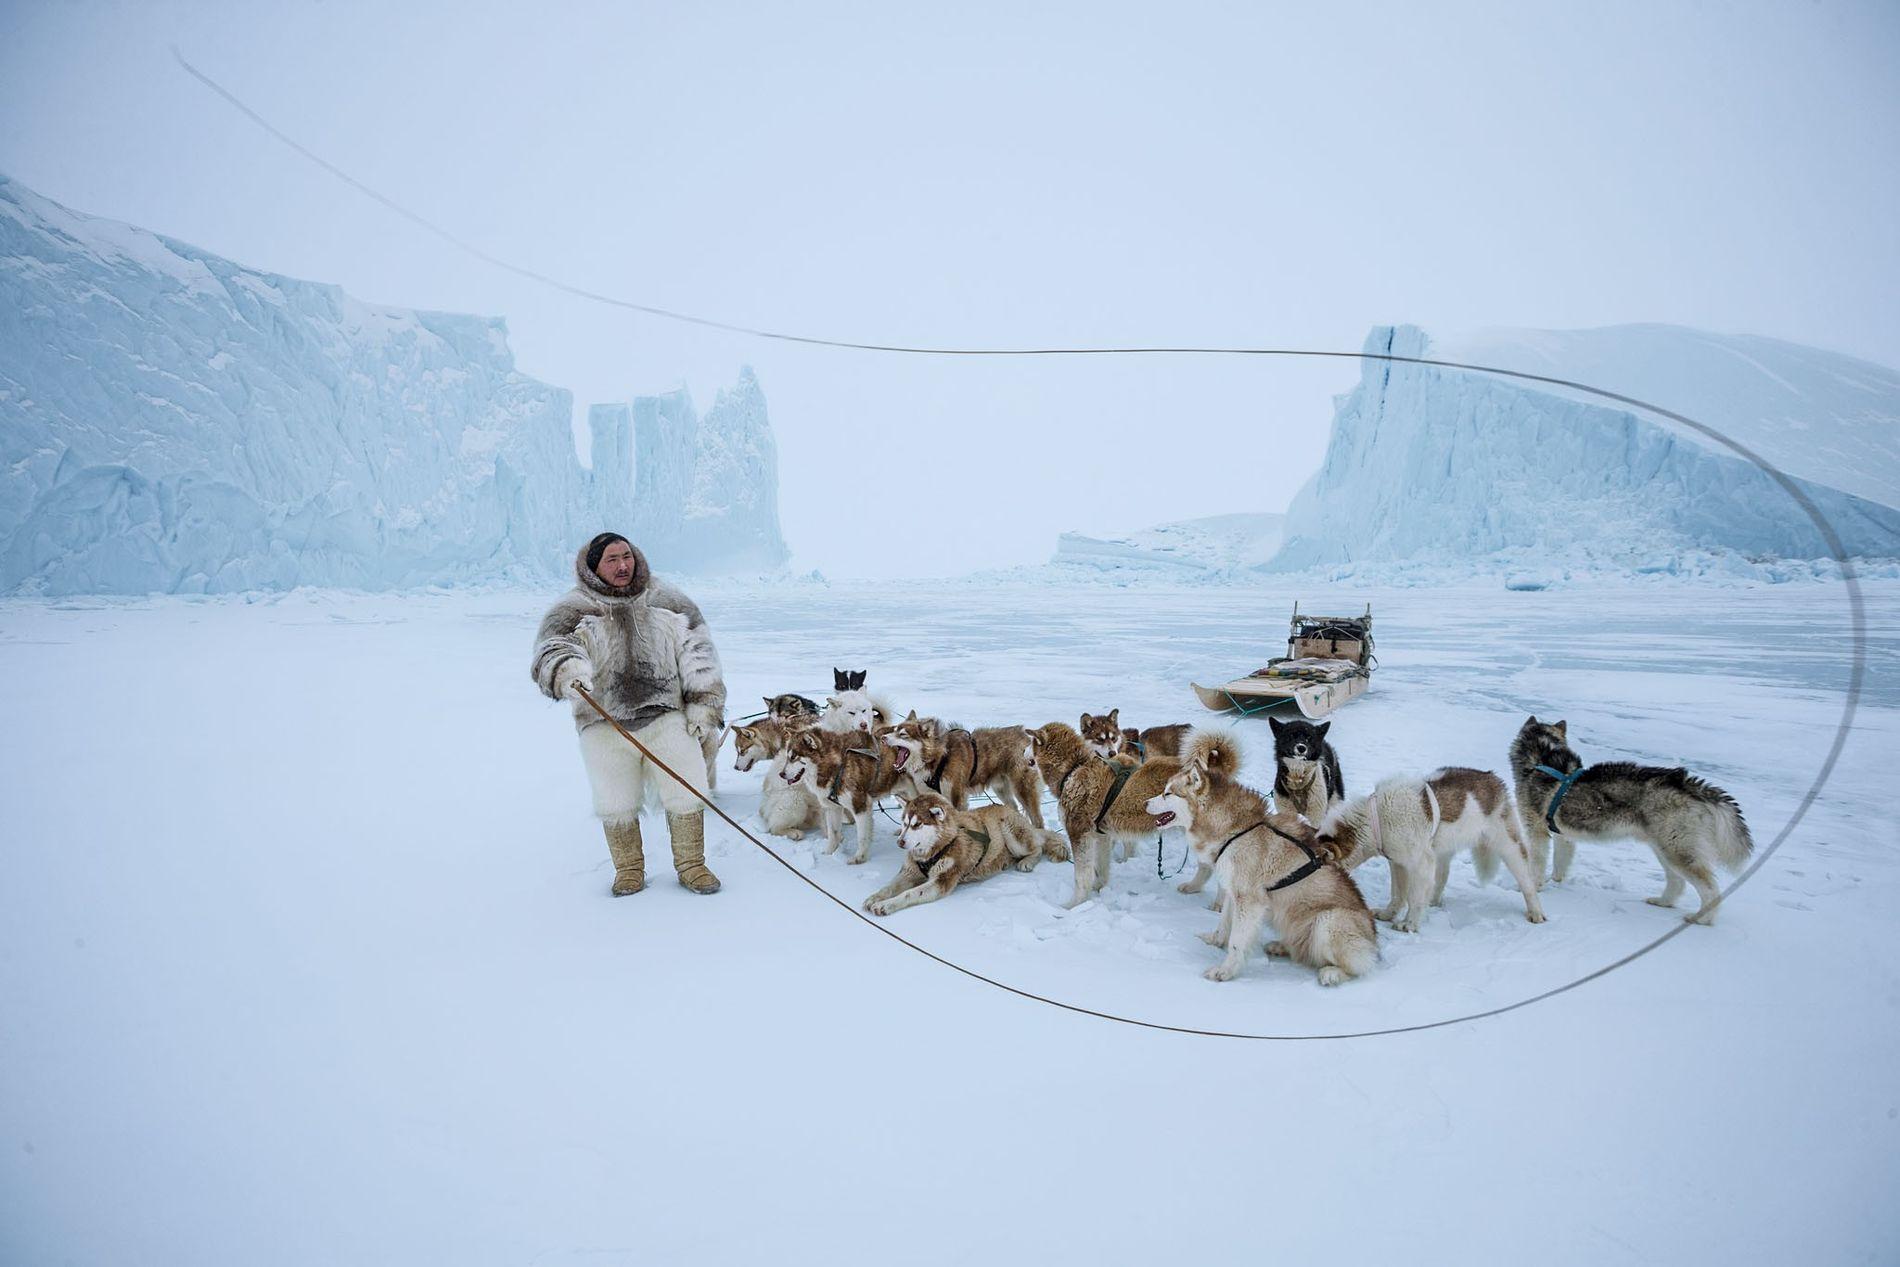 Son pantalon en fourrure d'ours polaire indique que Naimanngitsoq Kristiansen est un chasseur inuit chevronné. Avec ...